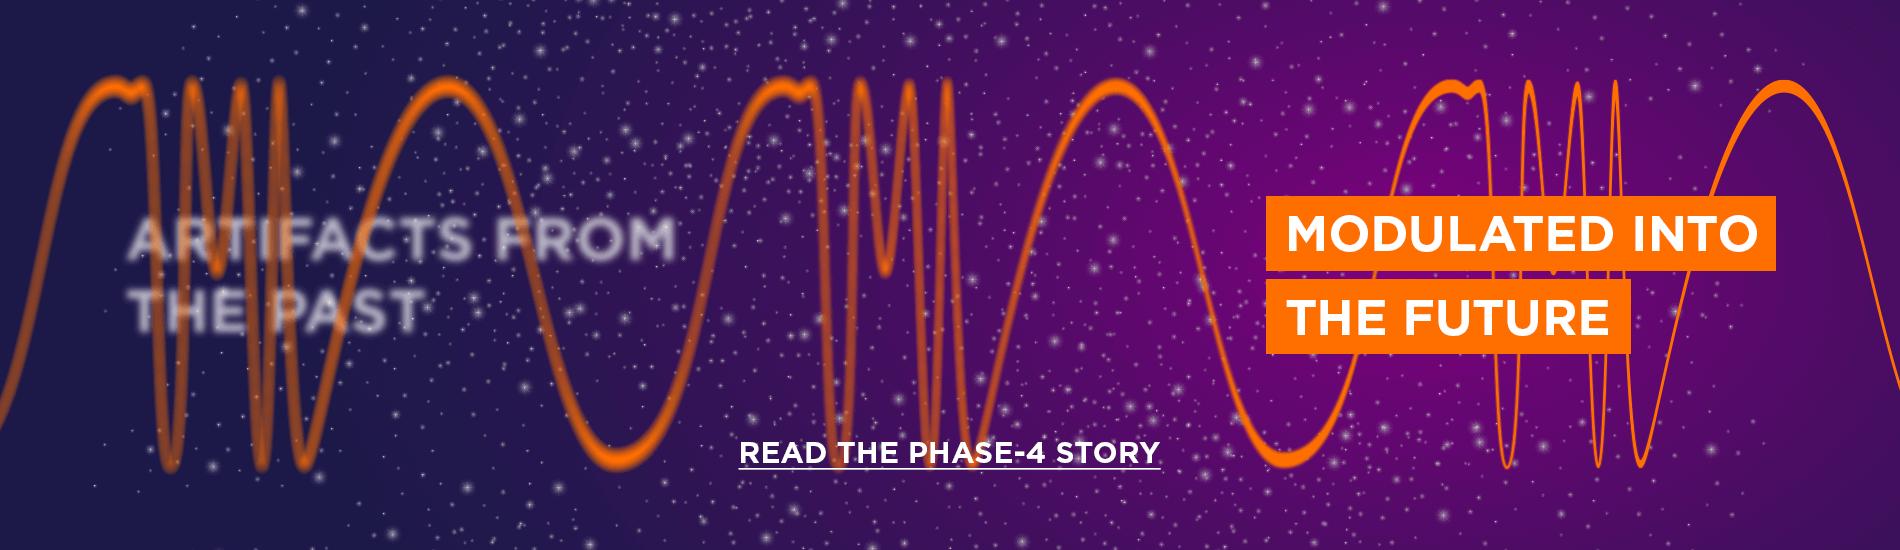 1802 Phase-4 Story v02